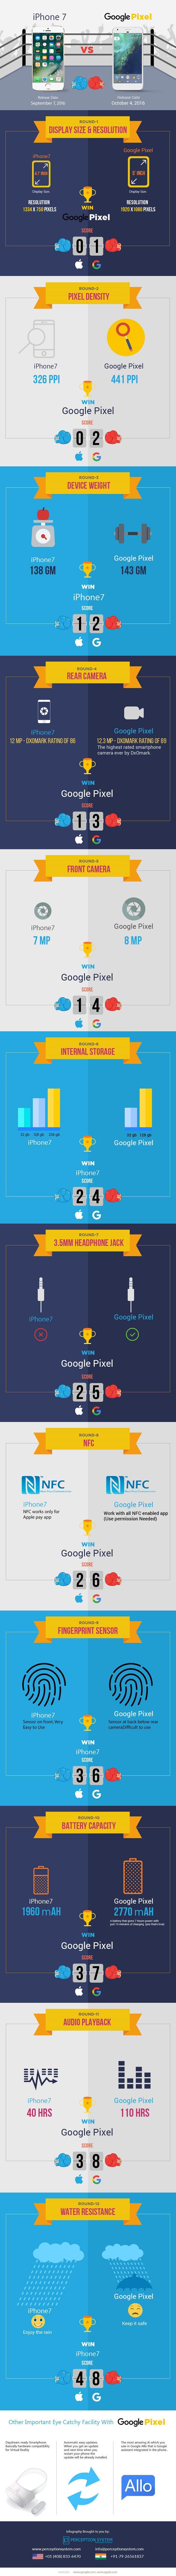 oasdom-com-quick-review-iphone-7-vs-google-pixel